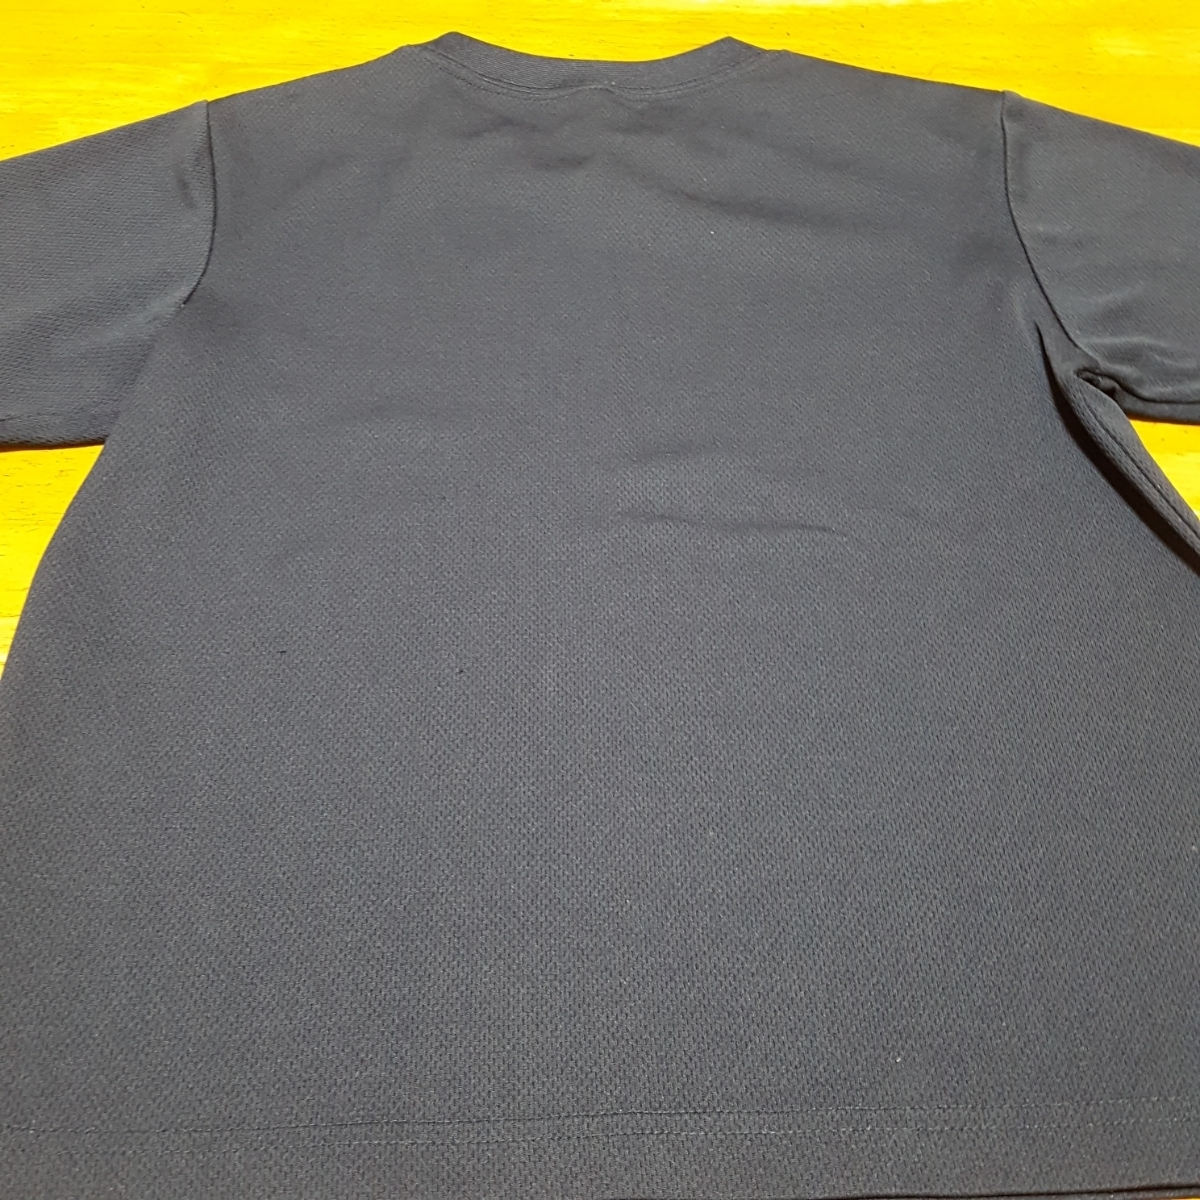 おまけつき 紺色Tシャツ 速乾 サイズ 140 中古 ボーダーTシャツ付き_画像3